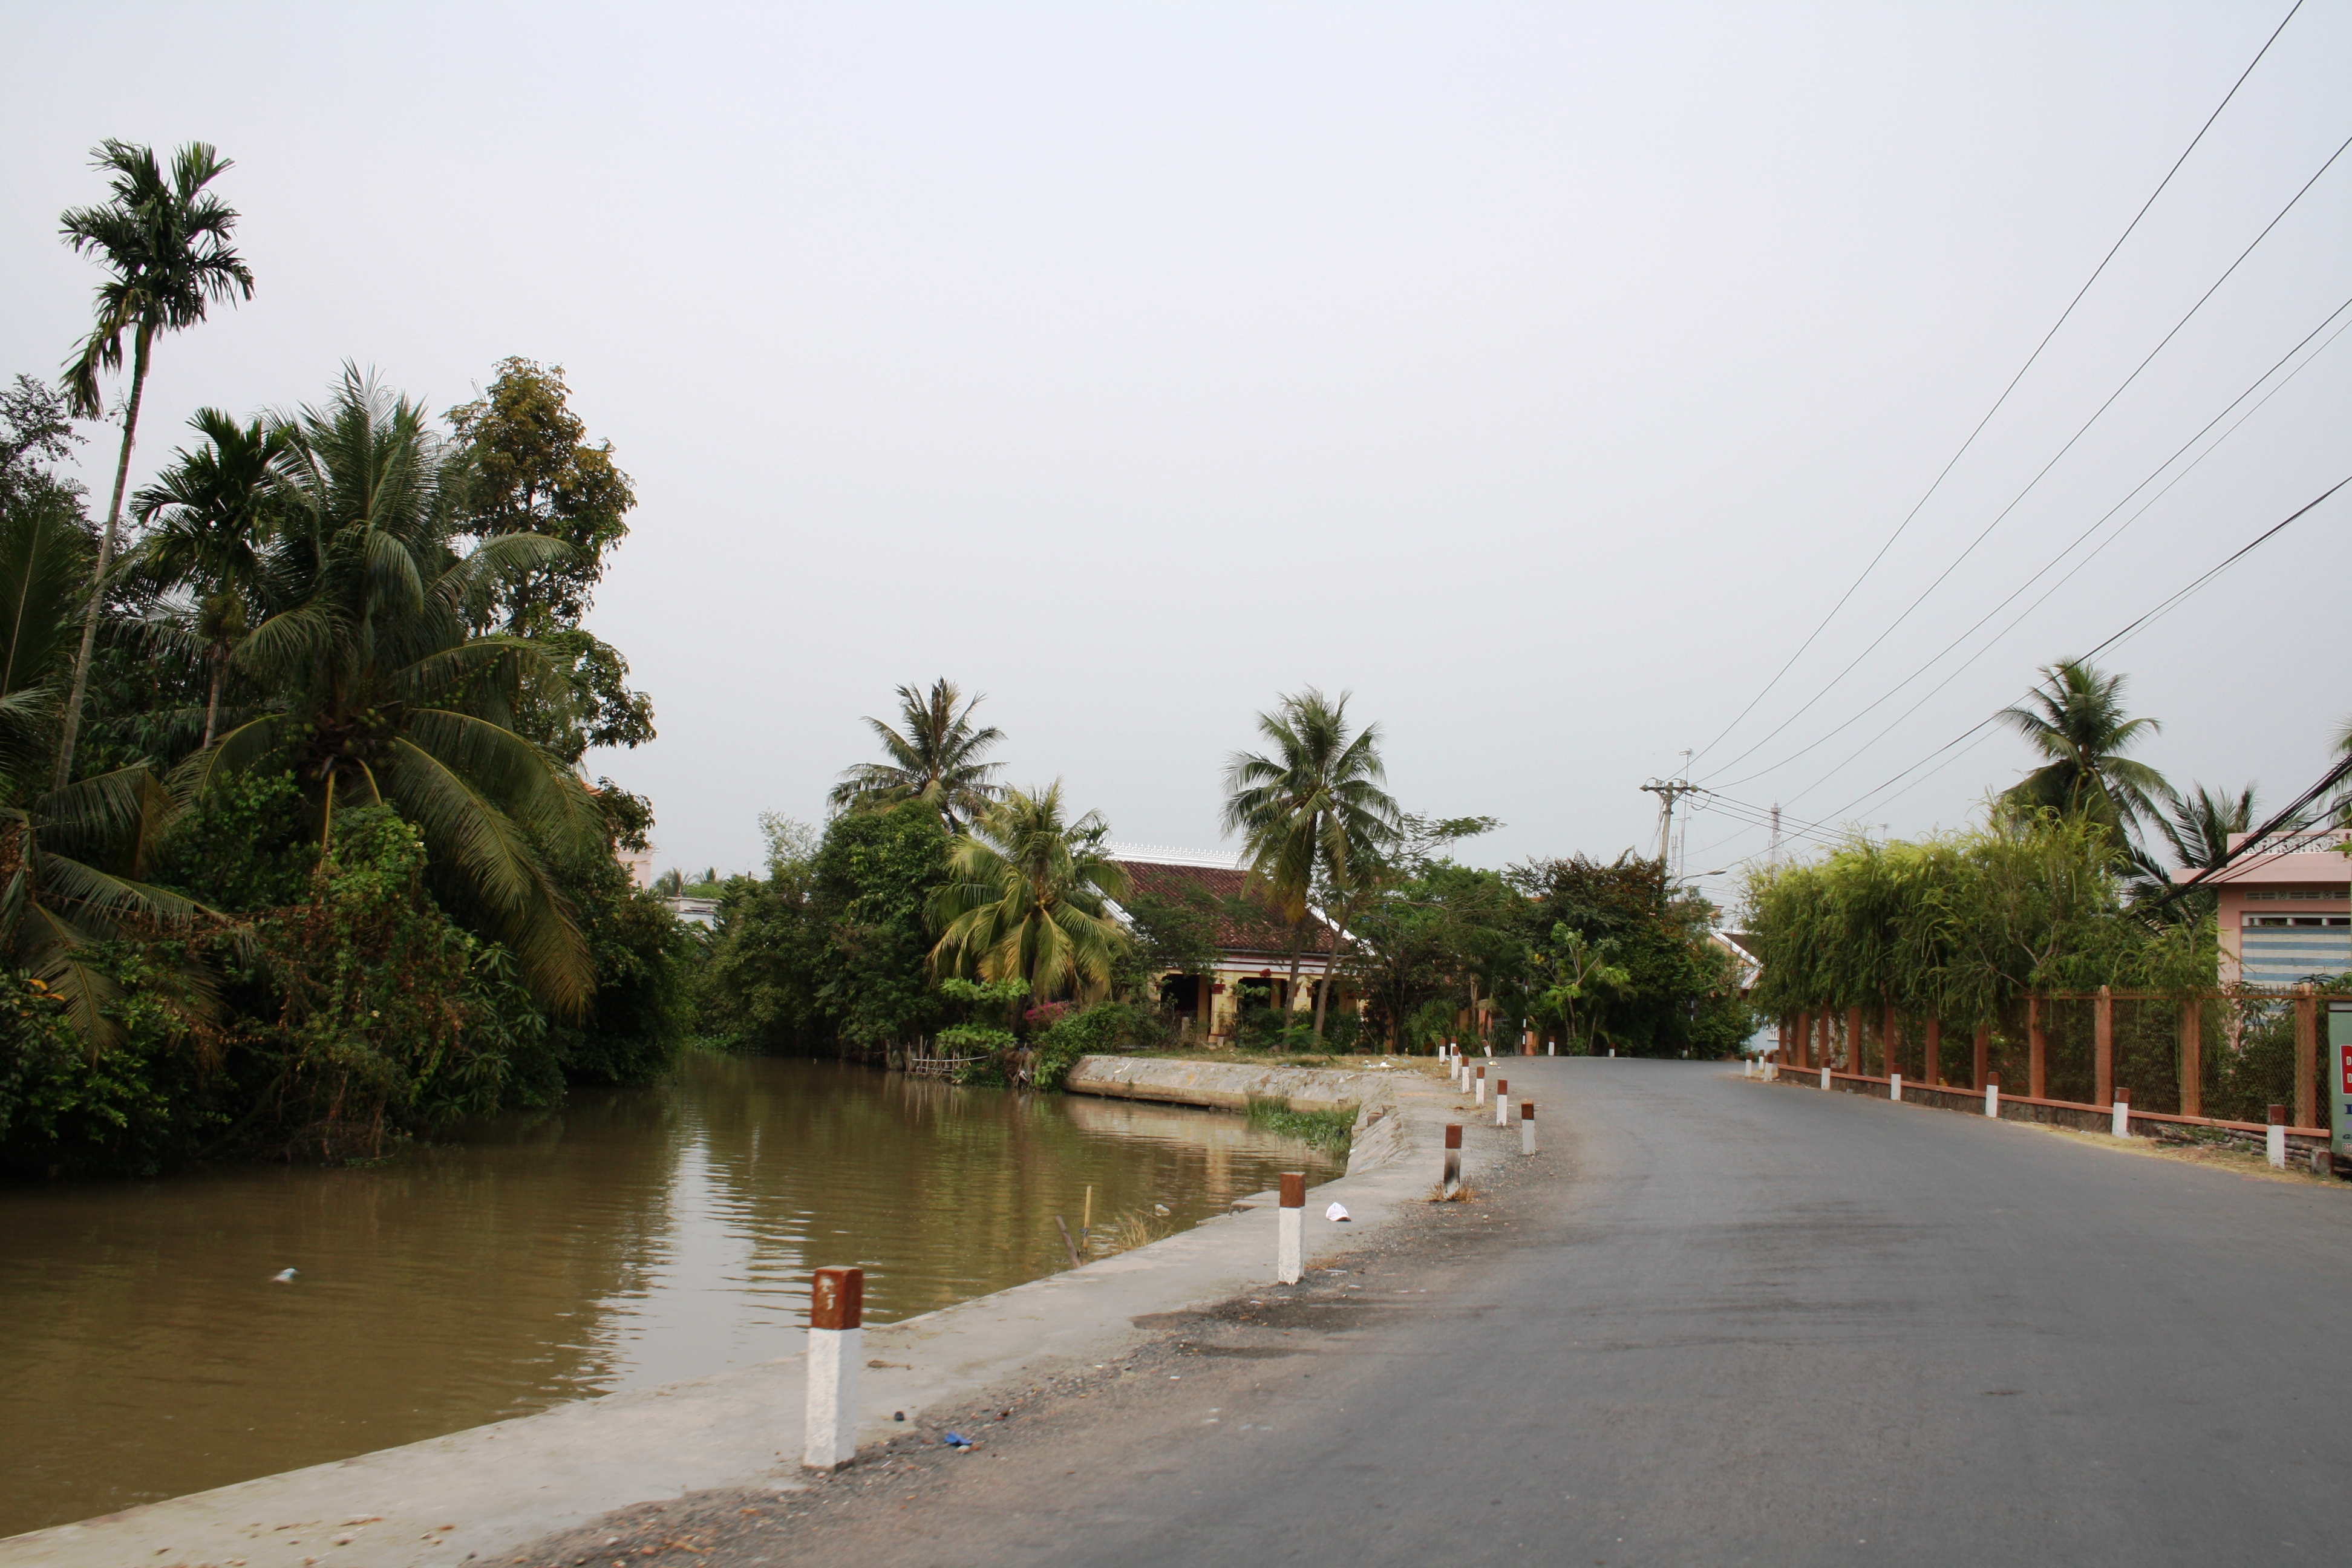 File:Vĩnh Hựu, Gò Công Tây, Tiền Giang, Việt Nam.jpg - Wikimedia Commons